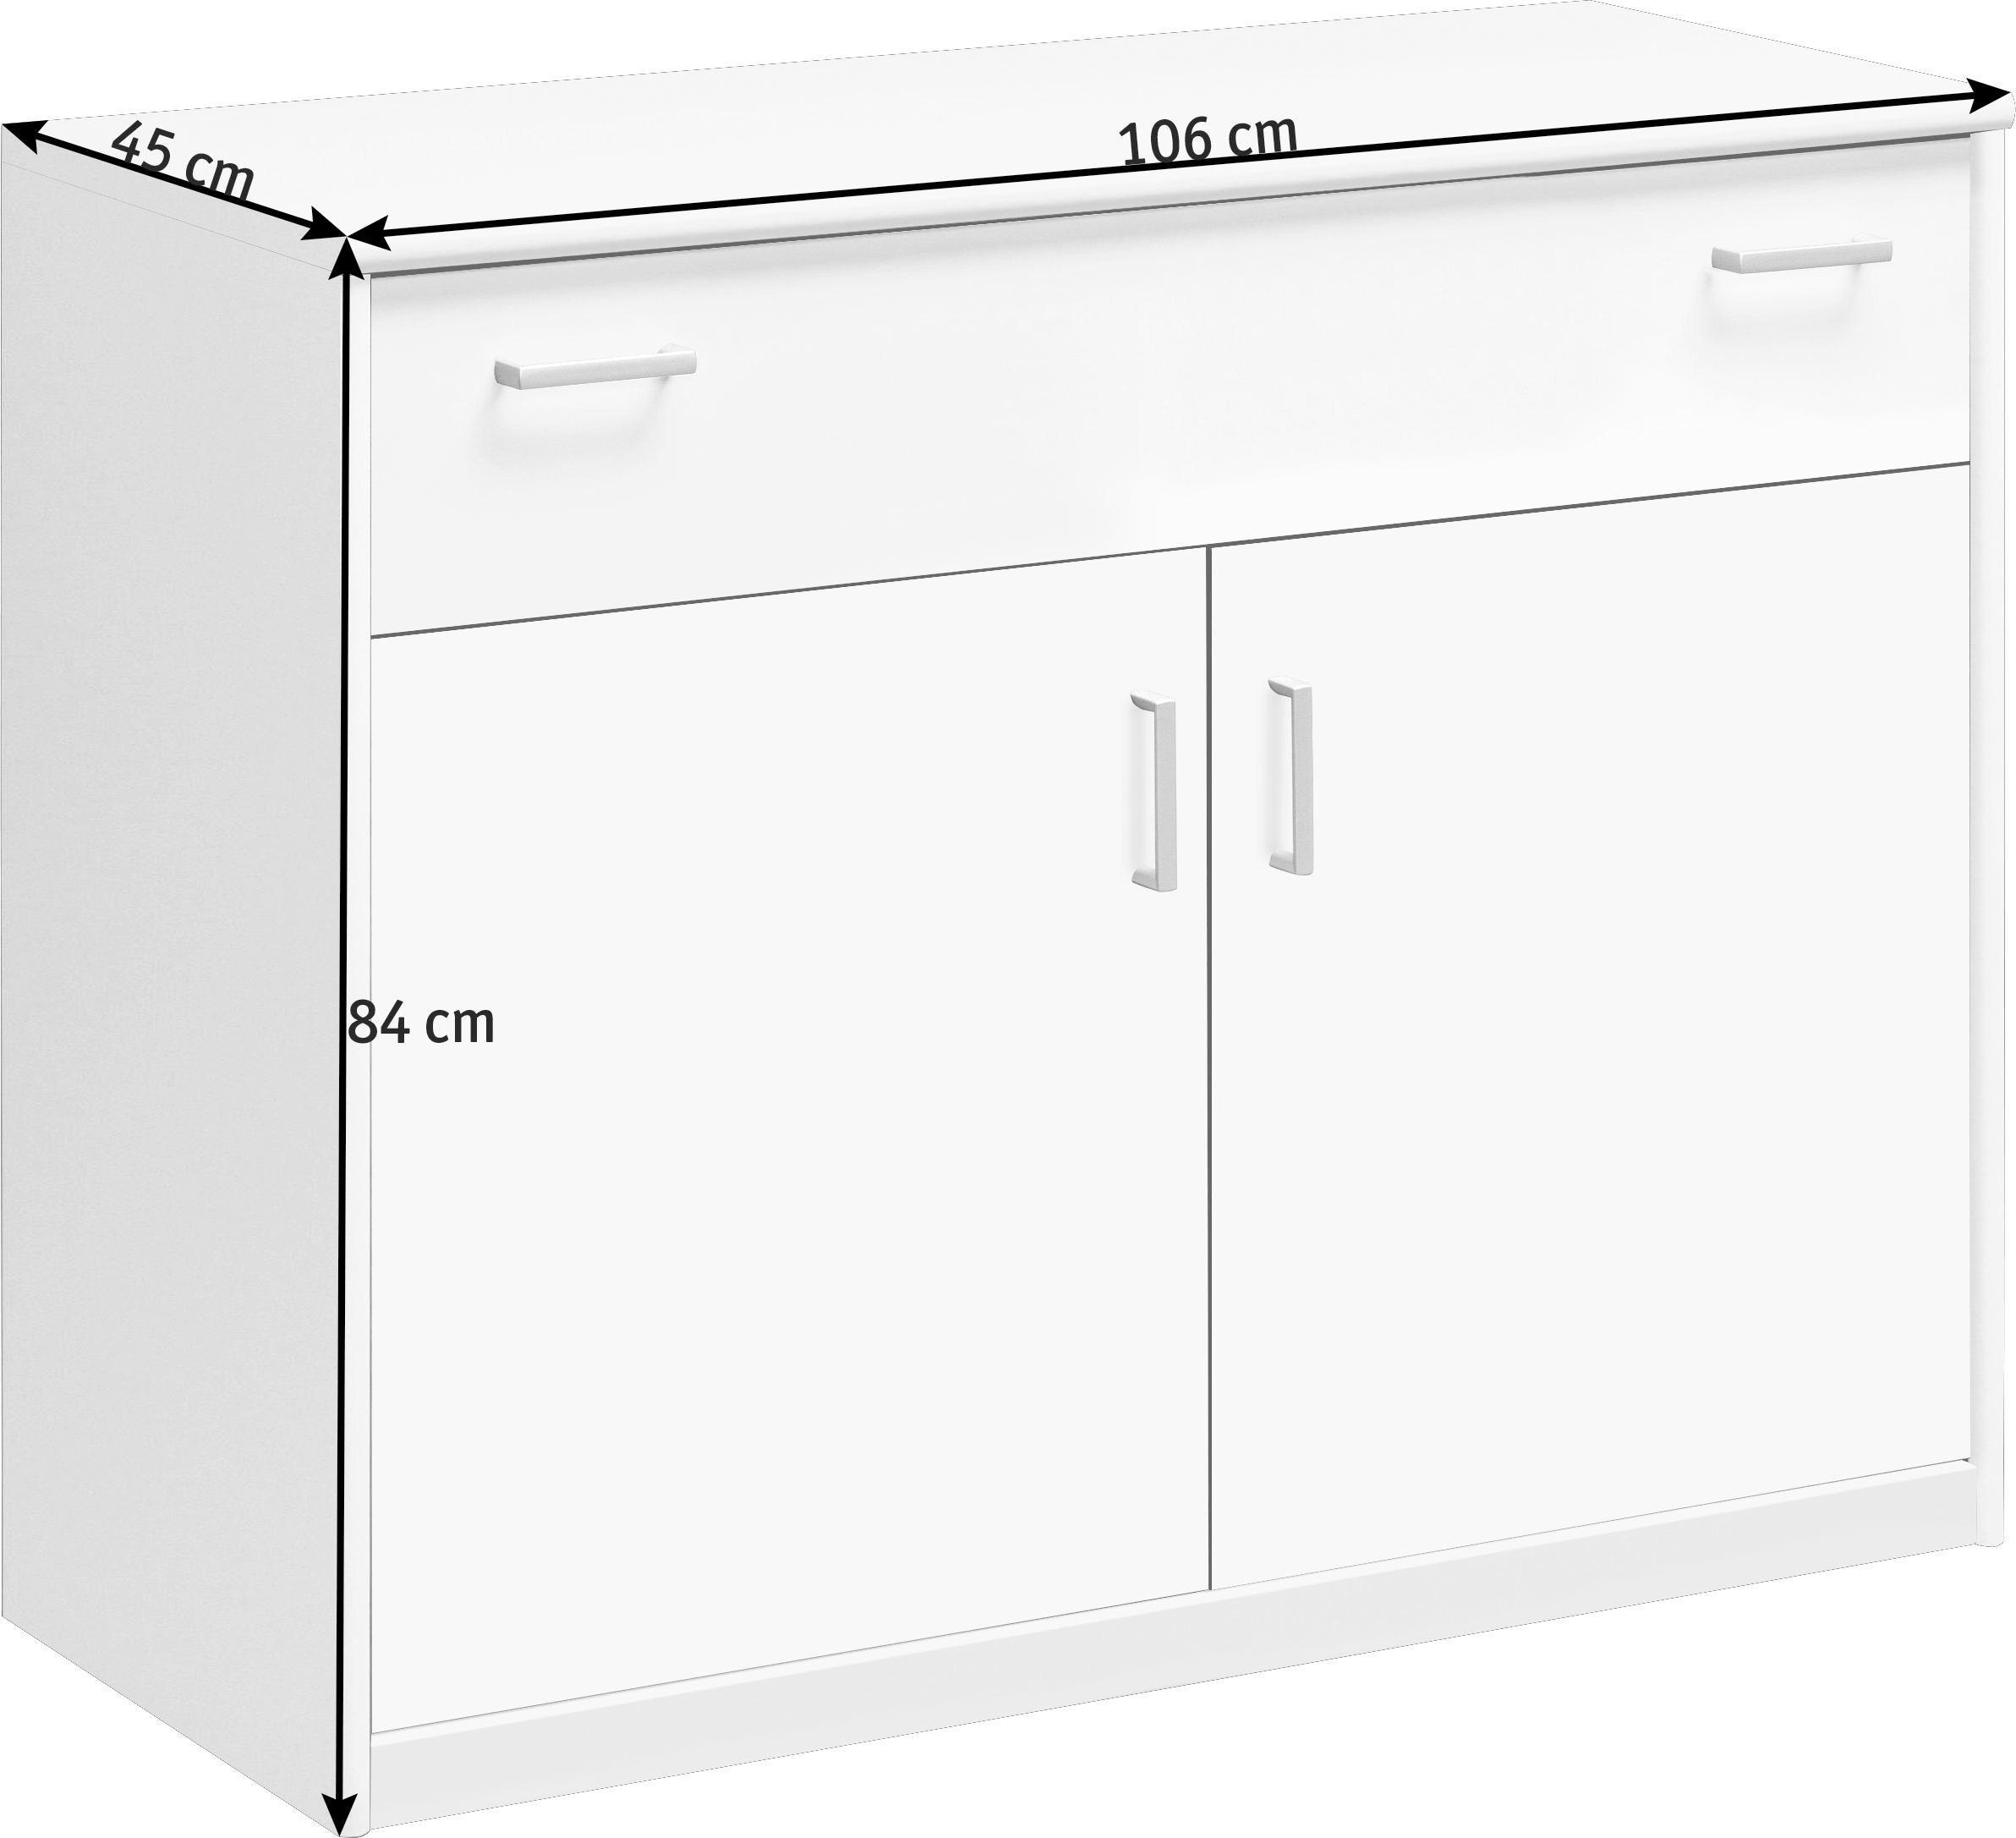 KOMMODE Weiß - Alufarben/Weiß, Design, Holz/Holzwerkstoff (106/84/45cm) - CS SCHMAL